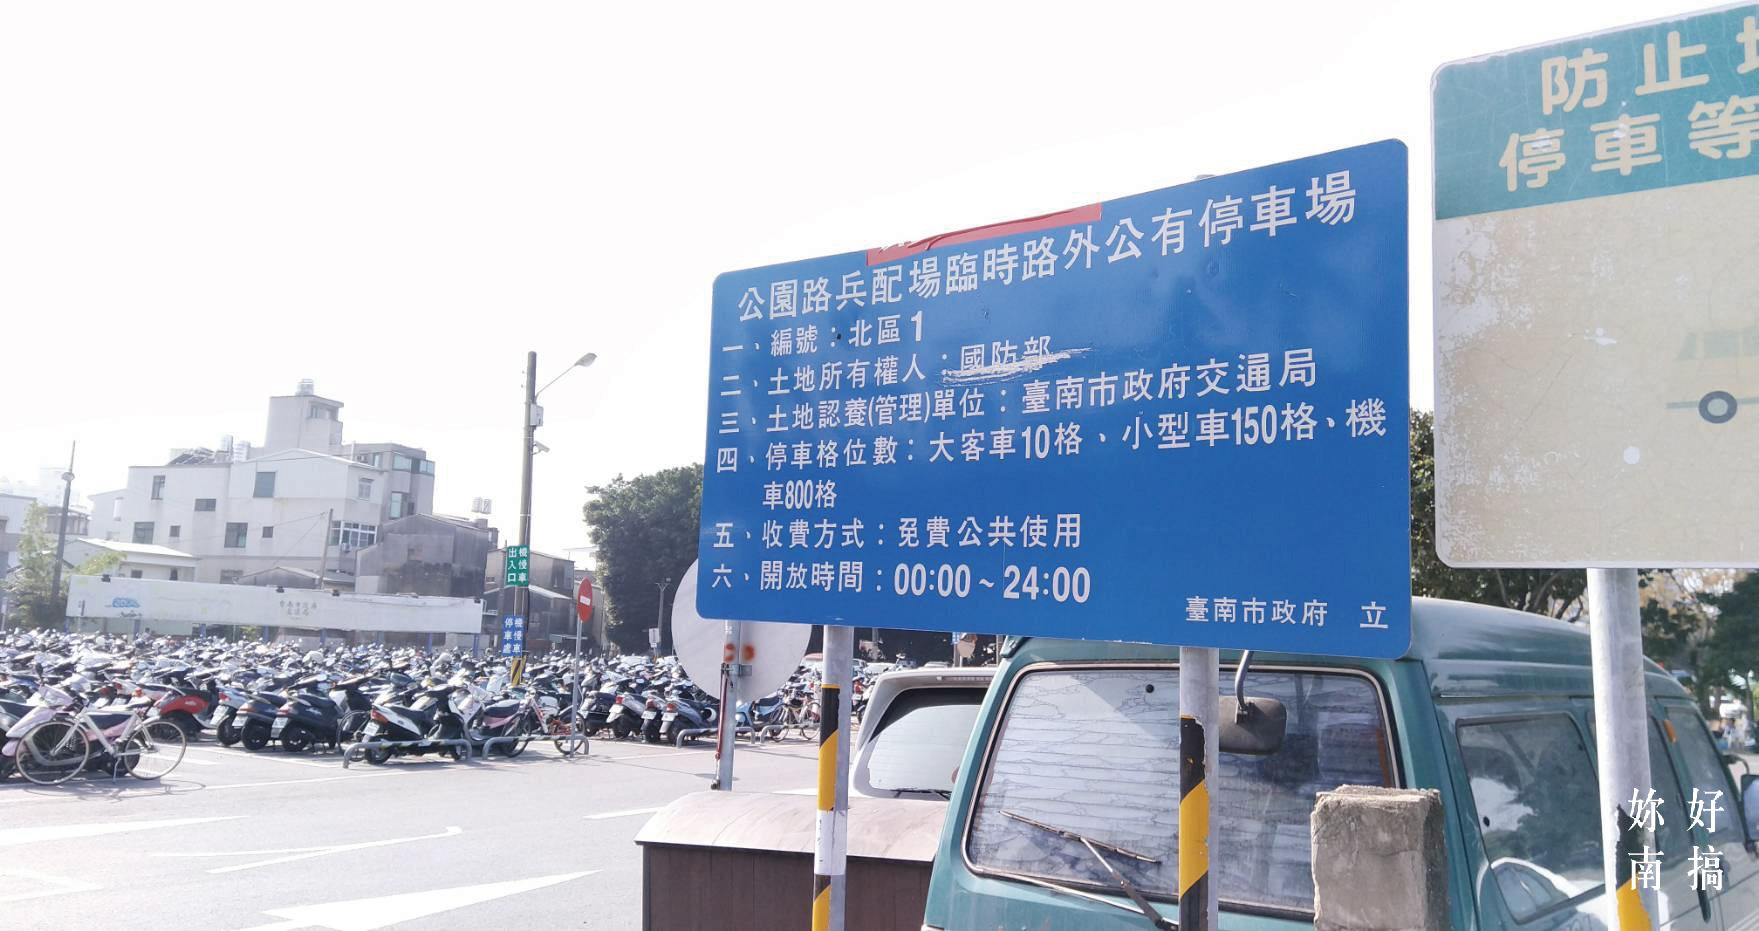 舊公園路兵配廠停車場2